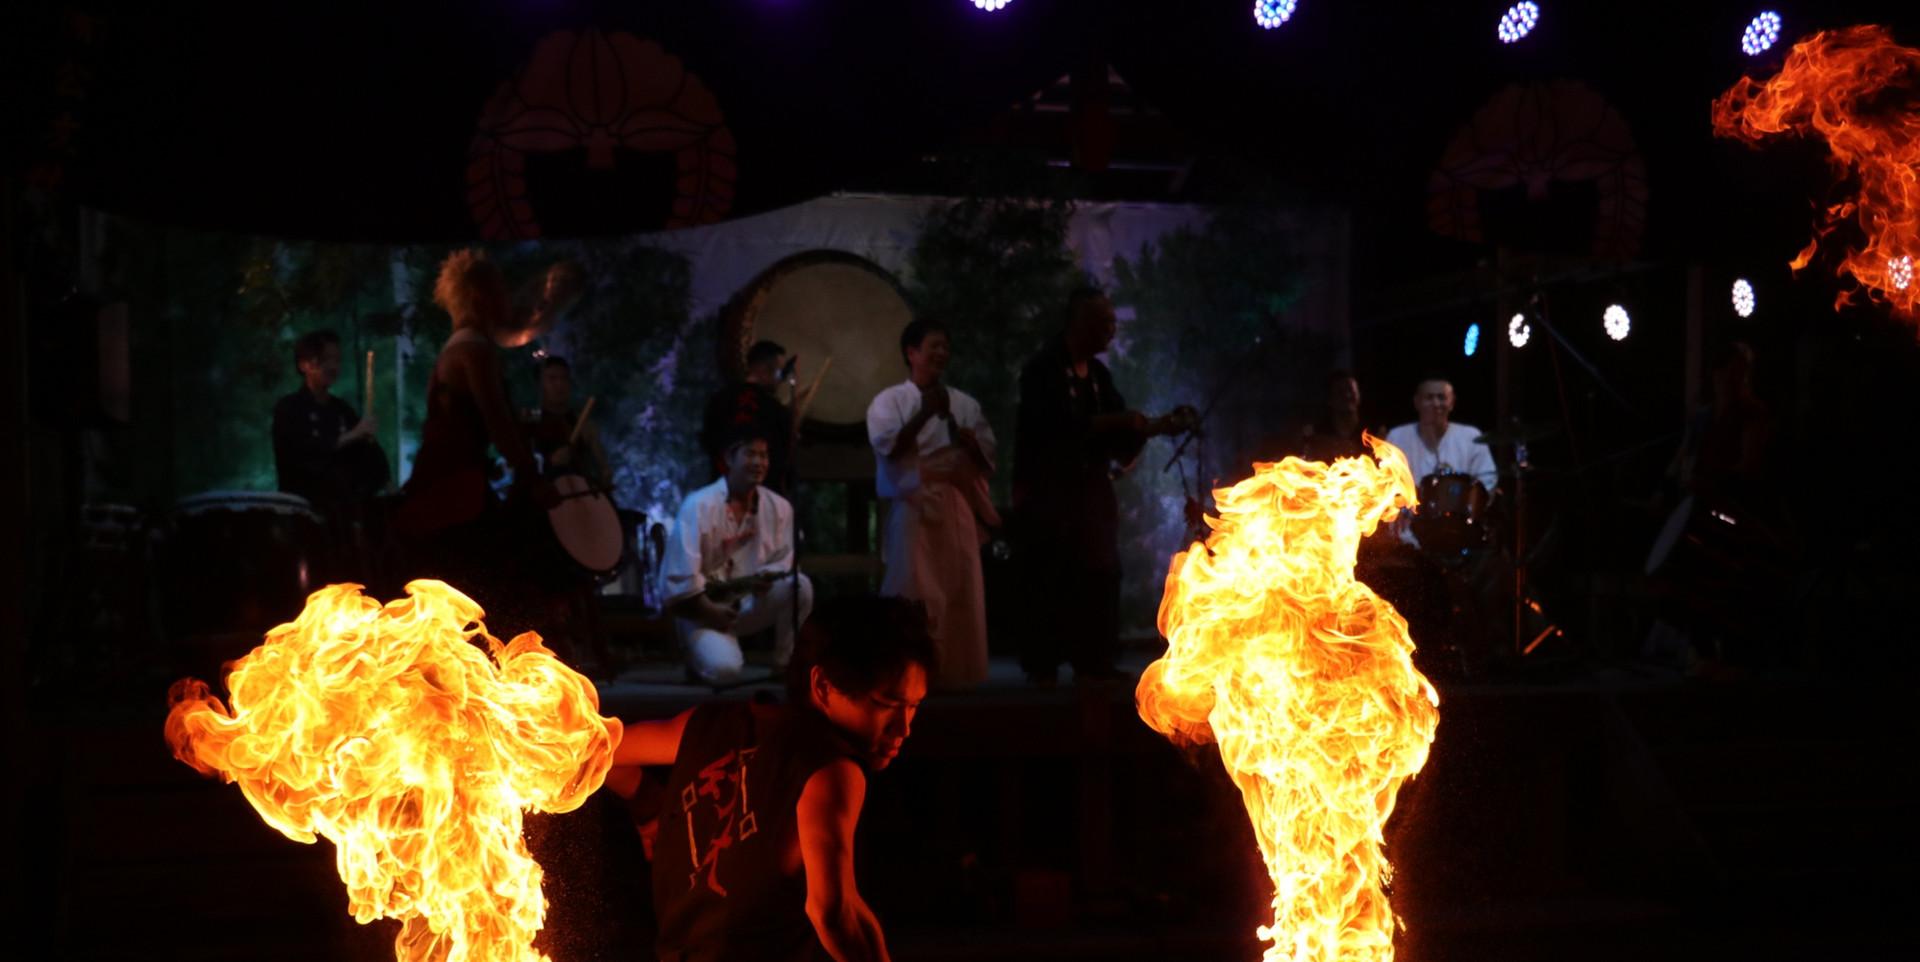 ロングスタッフ@往馬大社火祭り.JPG